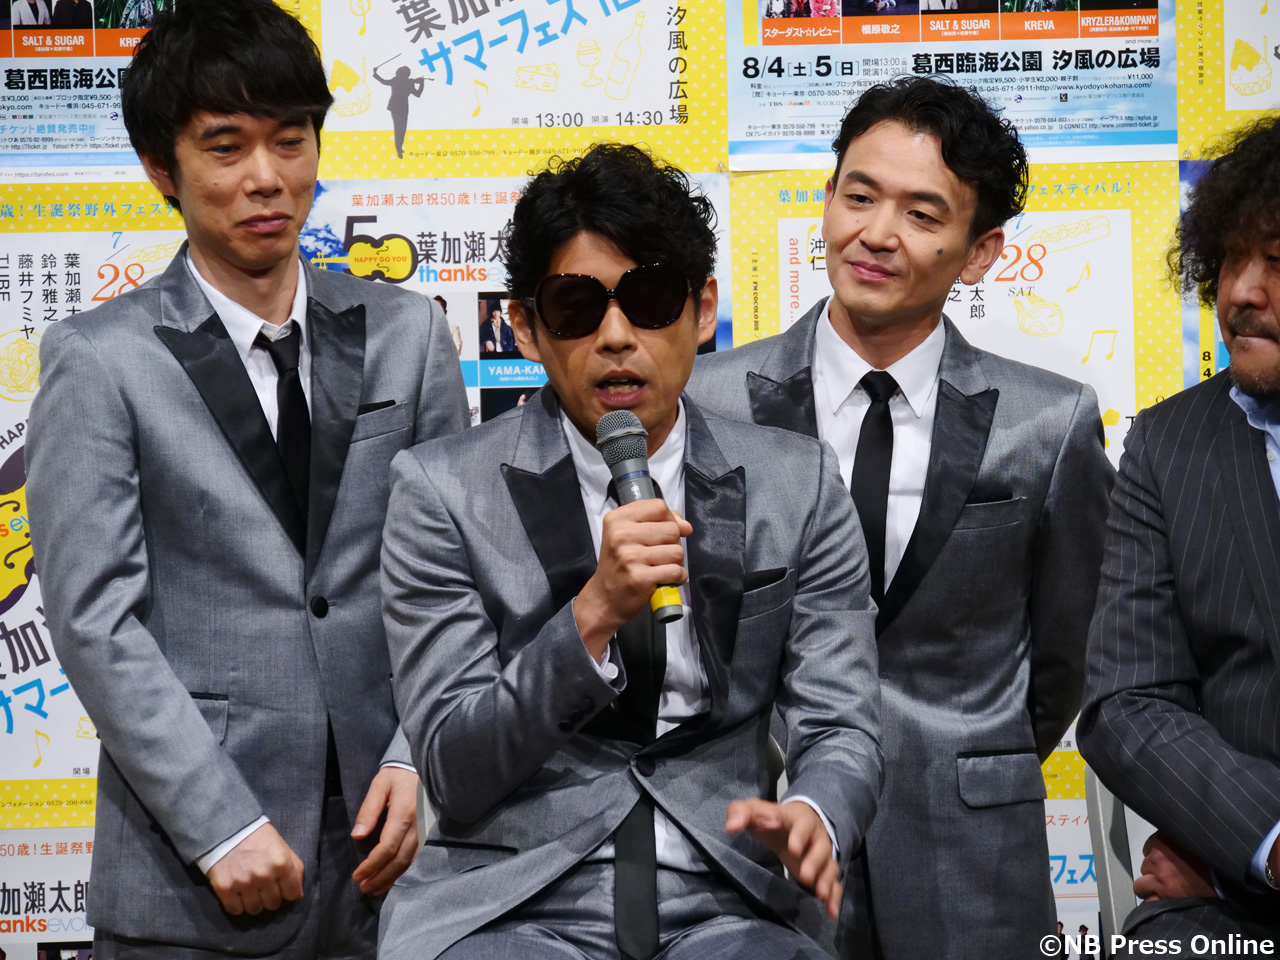 葉加瀬太郎サマーフェス'18 ~50thanks evolution~